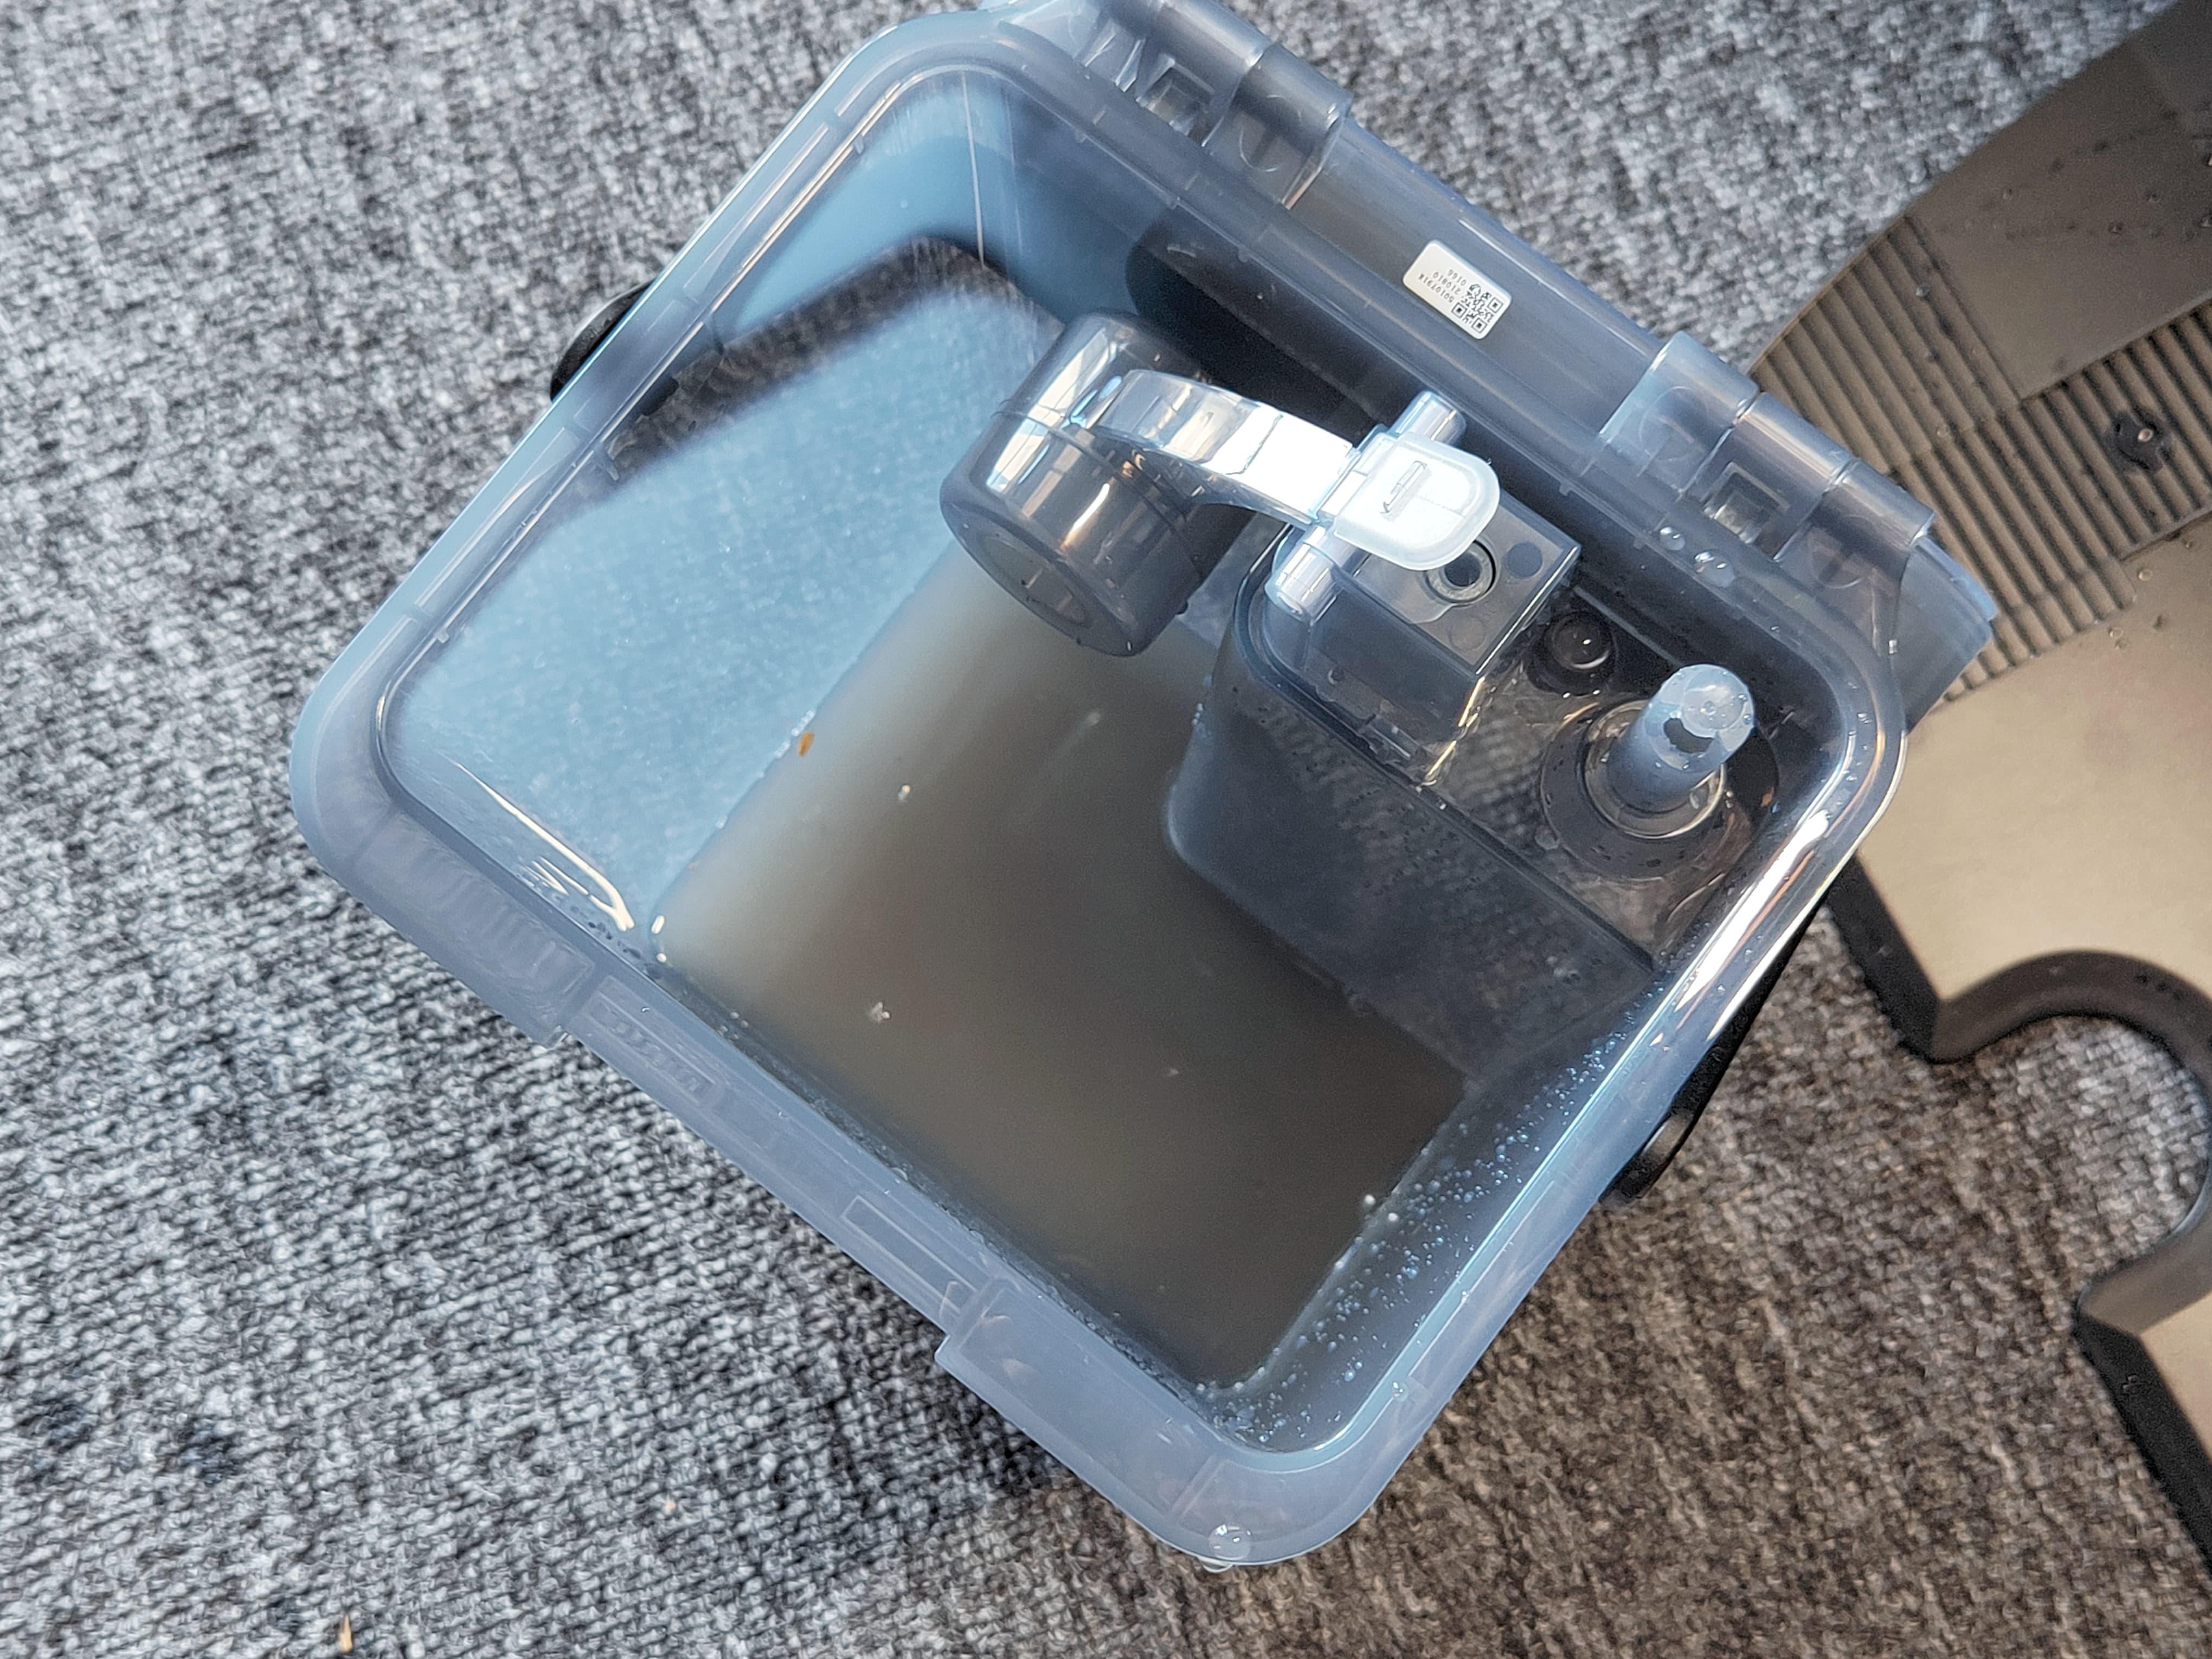 石头自清洁扫拖机器人G10评测:彻底解放双手的最后一步